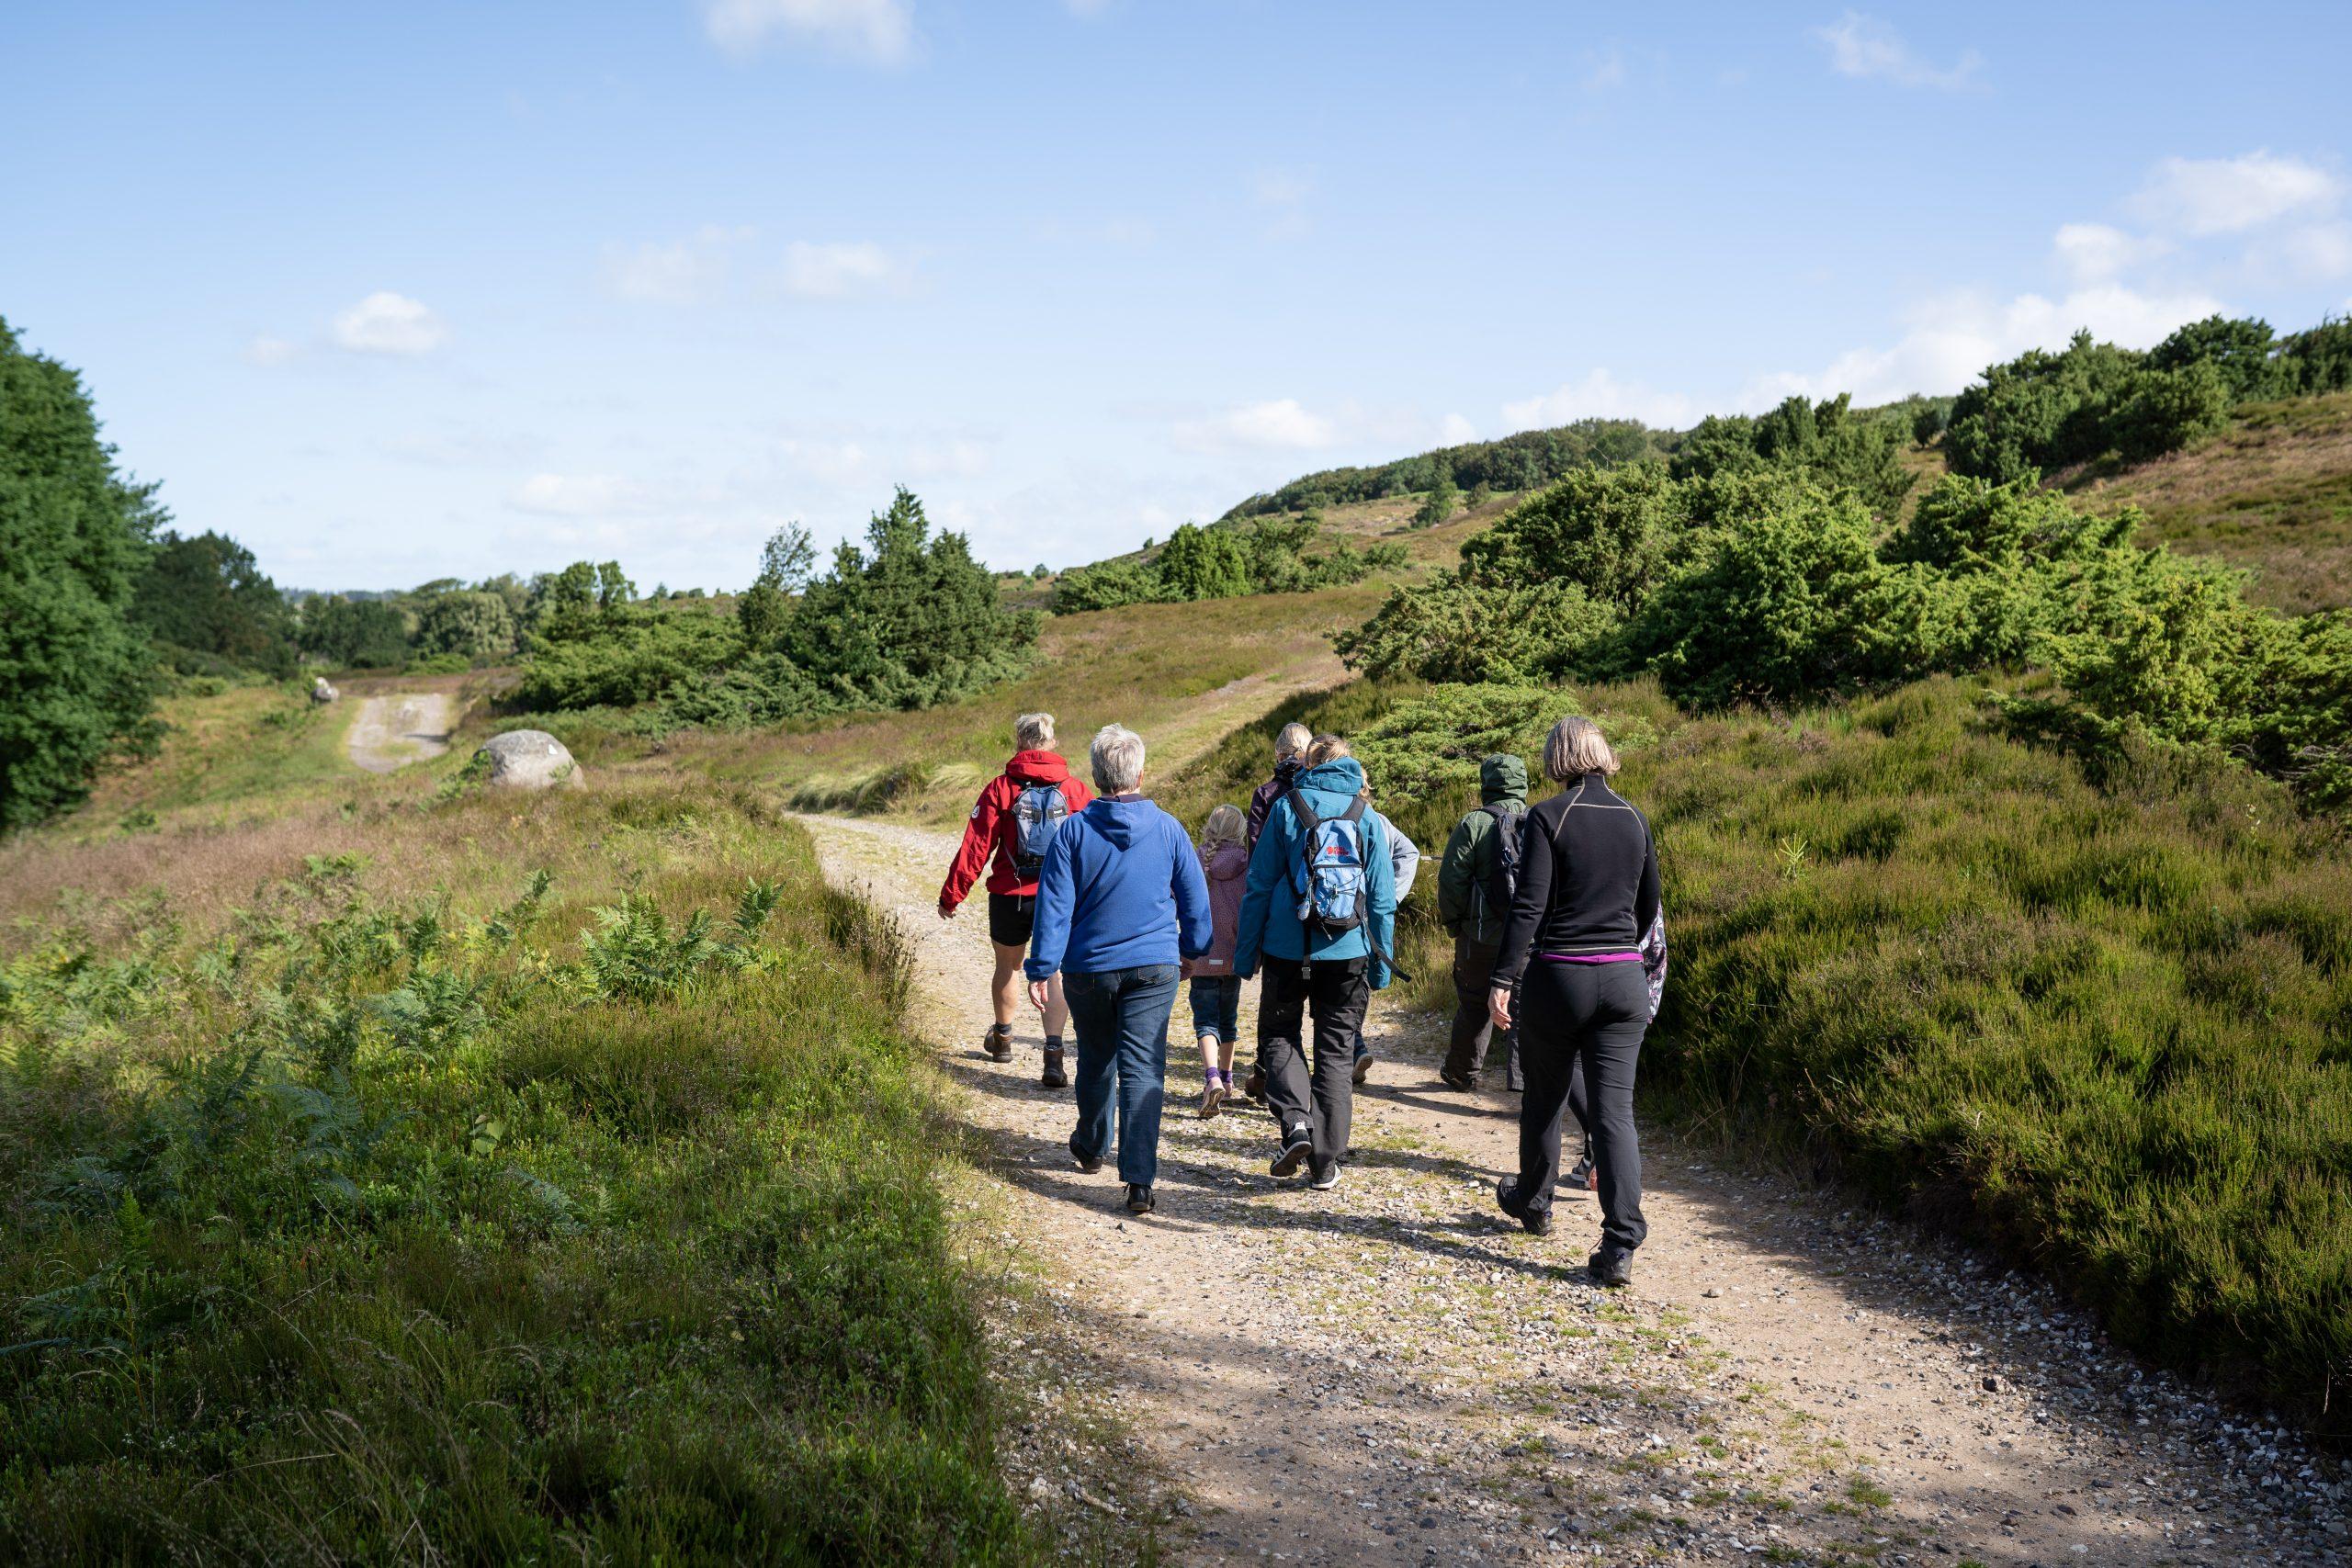 Nationalparken Mols Bjerge er et af de områder i Danmark, hvor Jysk Rejsebureau nu tilbyder vandreture. De fleste ture er endags-baserede med rejseleder. Pressefoto via Jysk Rejsebureau.